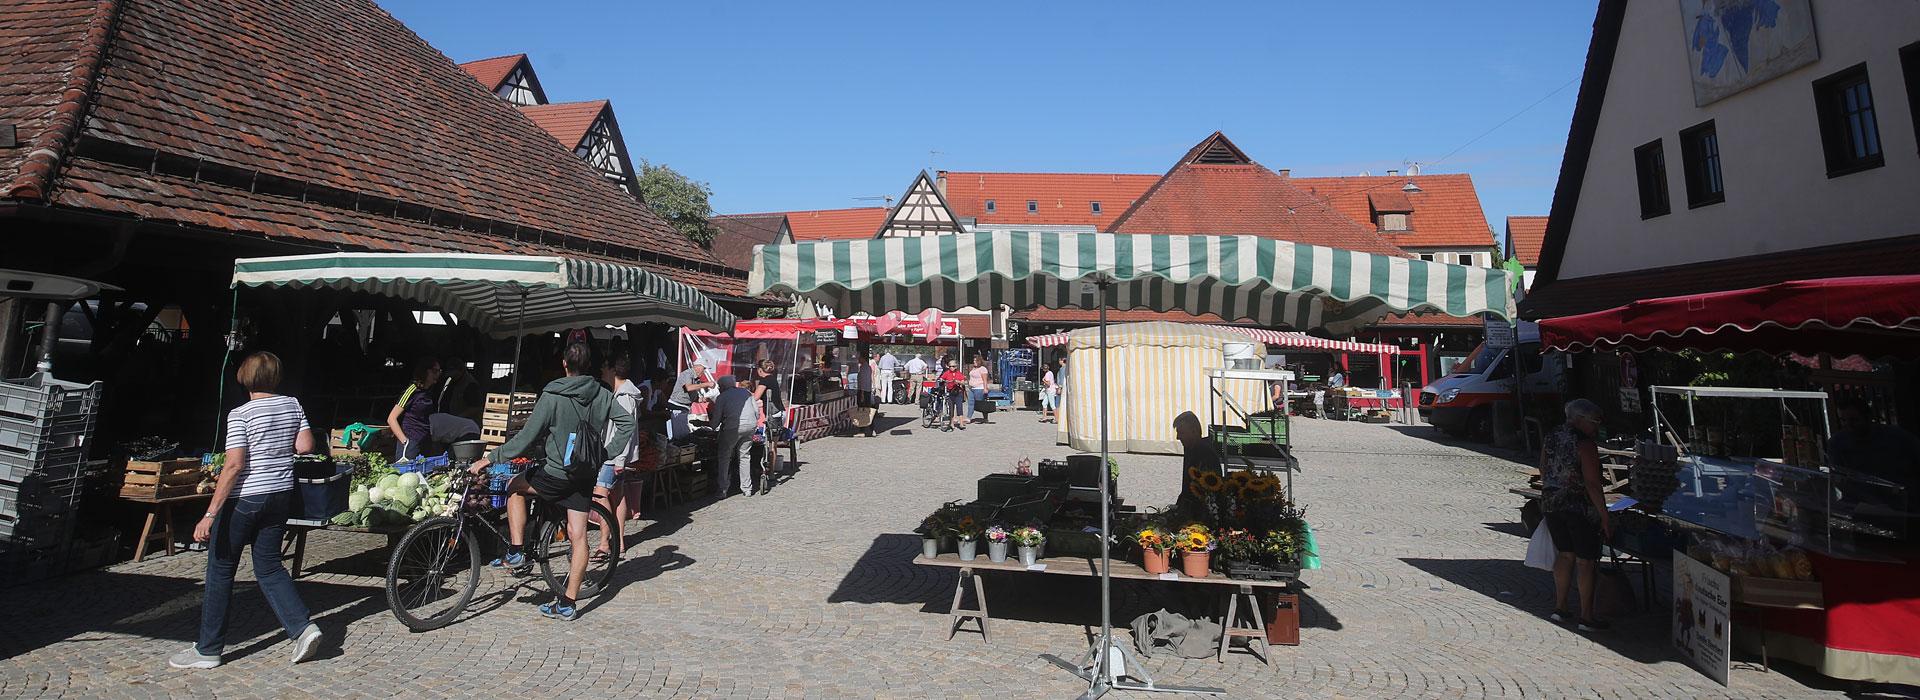 Marktleben in Metzingen